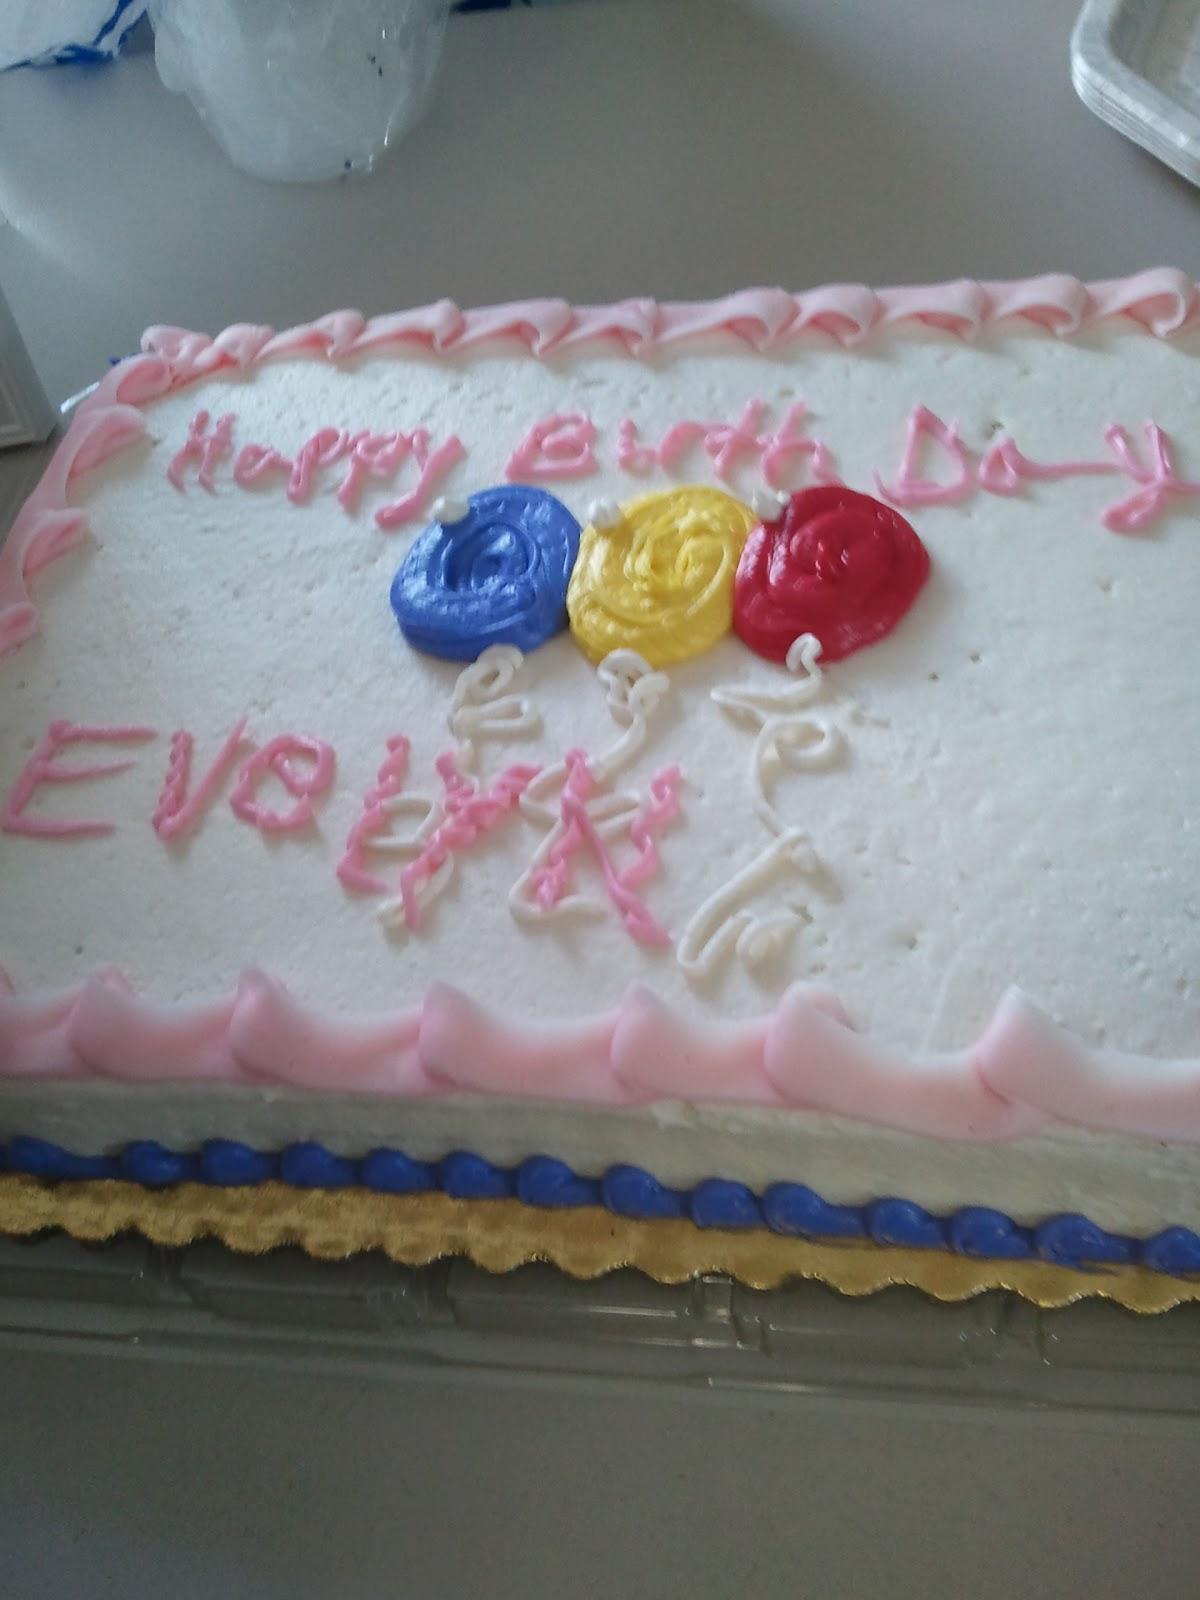 Pleasing 6 Wegmans Birthday Cakes Photo Wegmans Birthday Cake Ideas Funny Birthday Cards Online Inifofree Goldxyz